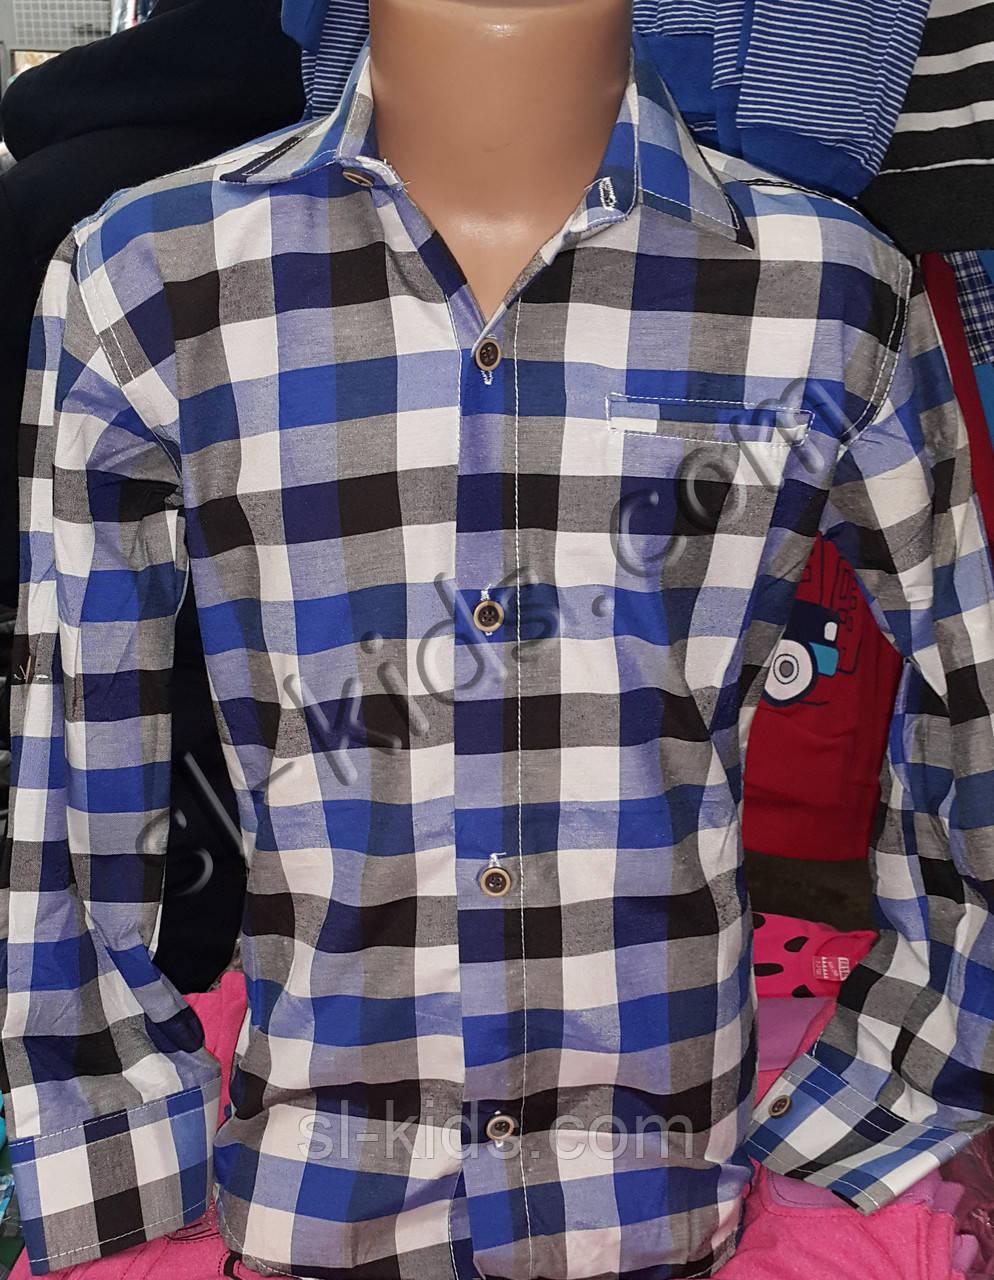 Рубашка для мальчика 6-12 лет (кл 05)(пр. Турция)